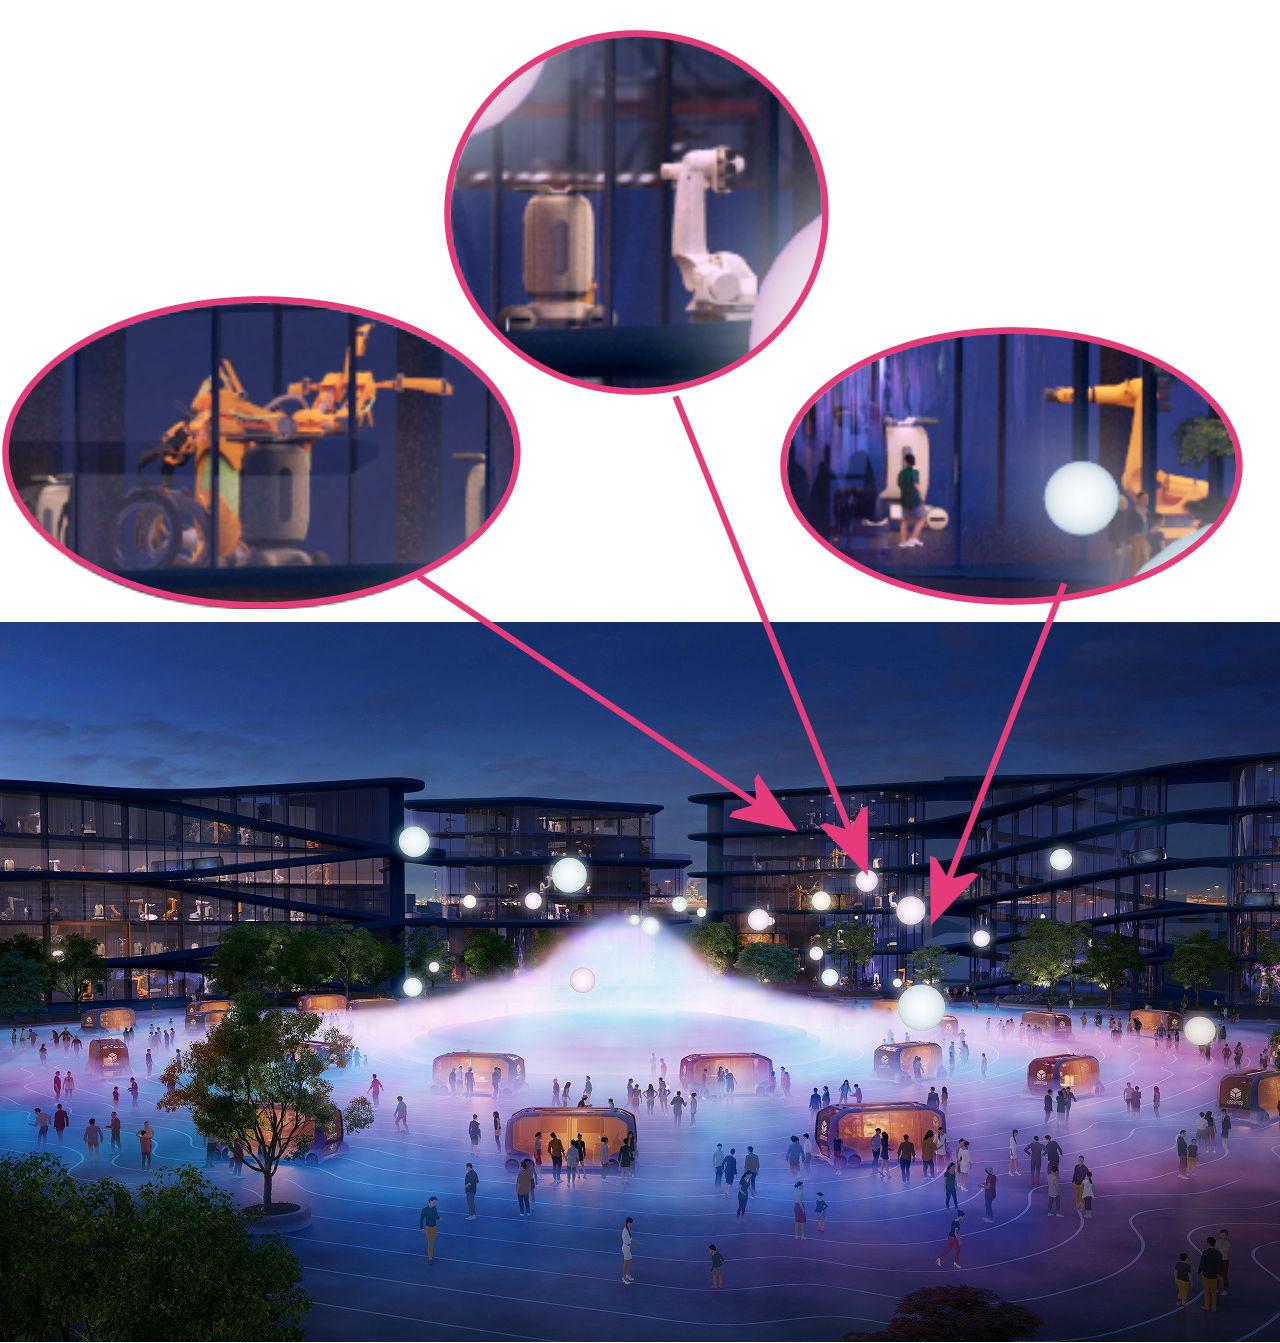 夜景のシーンでは、建物の中で多数のロボットが働いているのがわかる